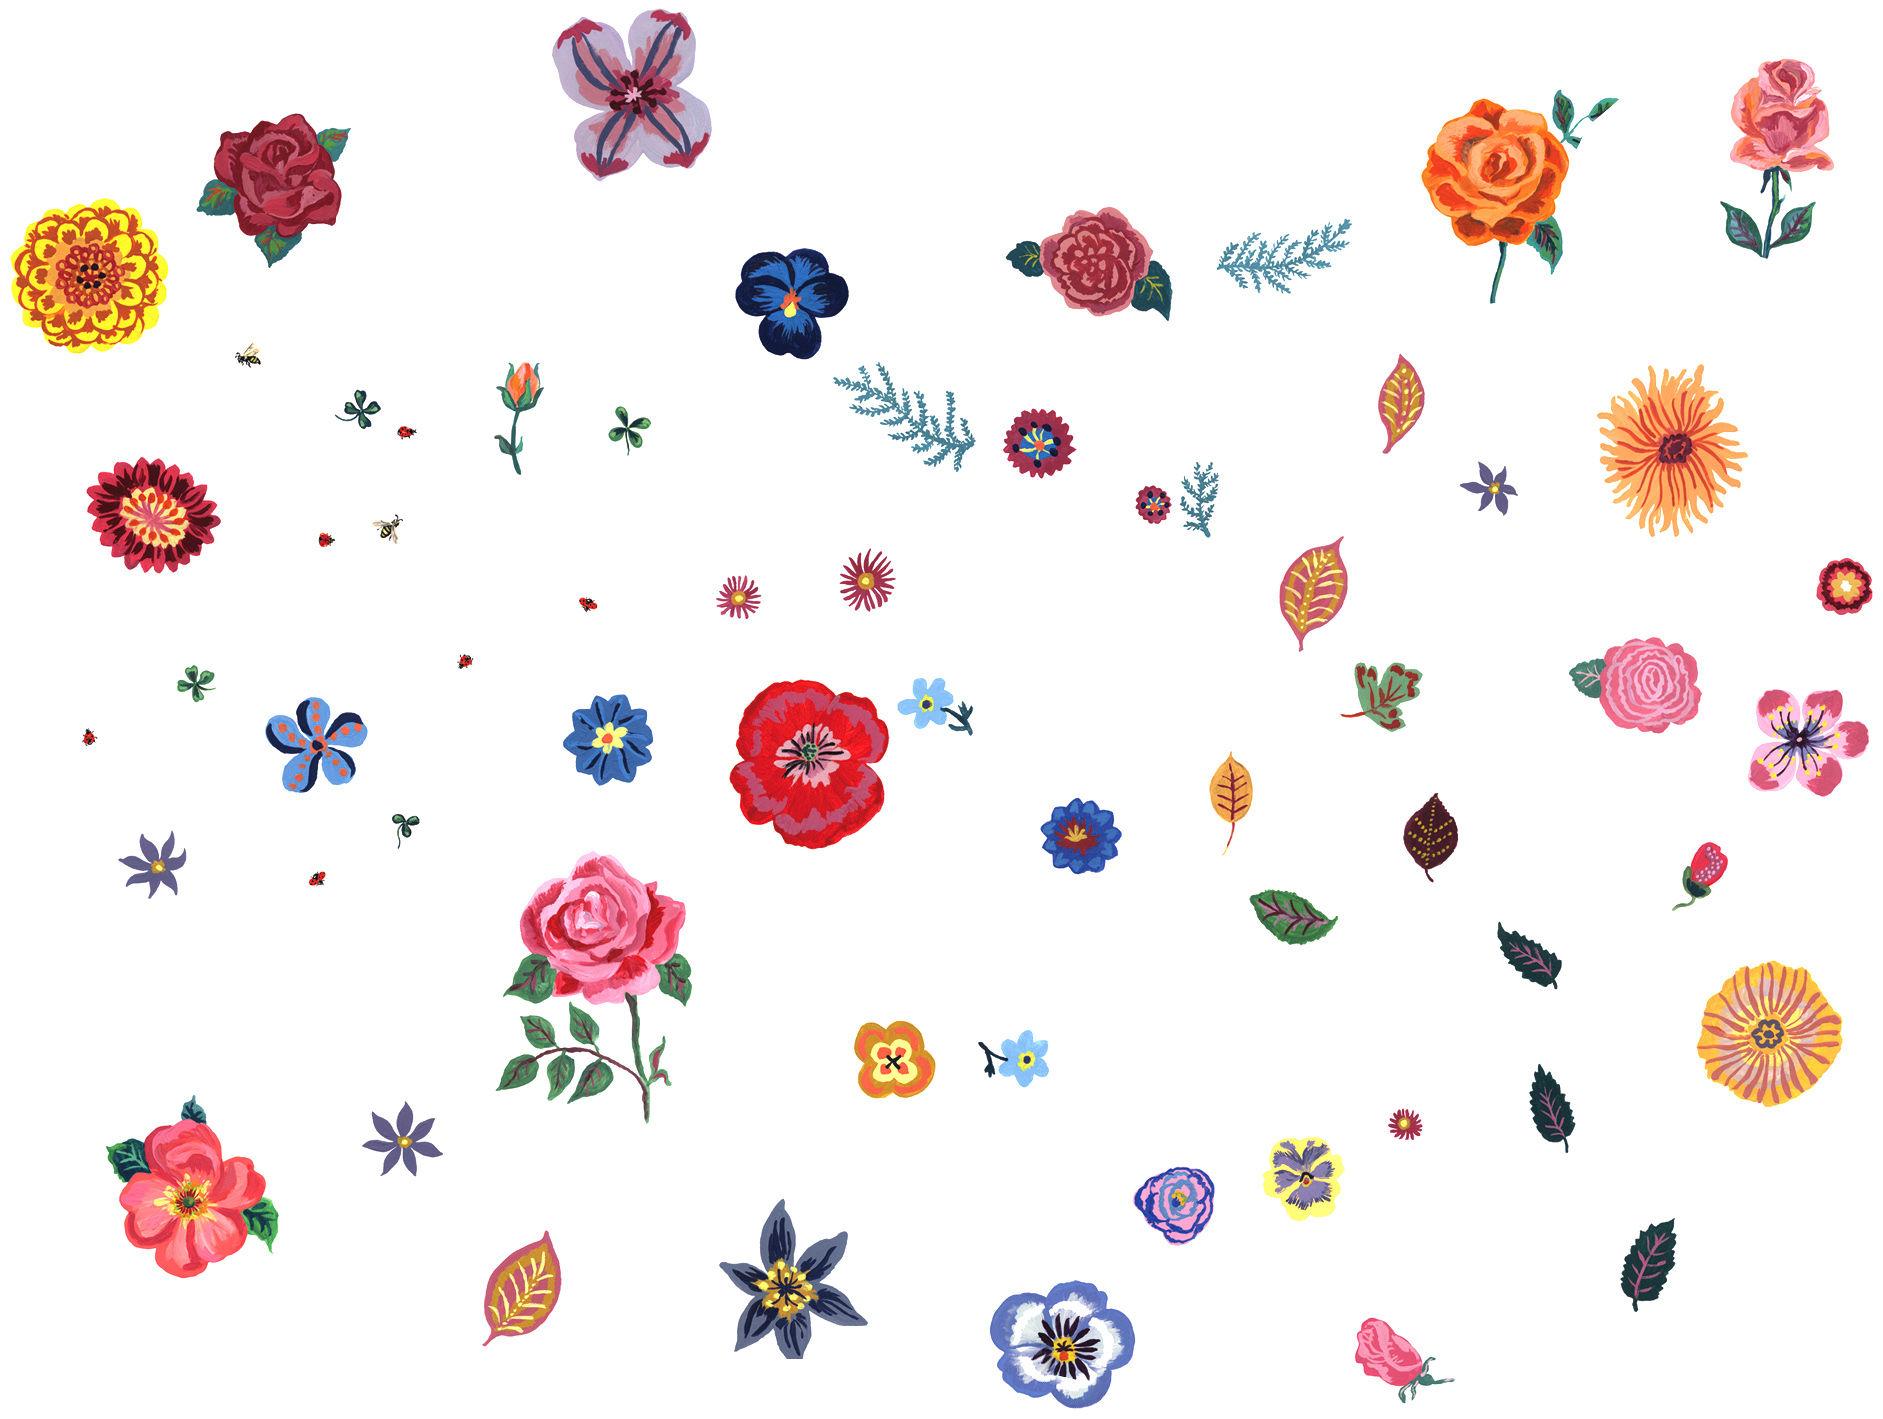 Déco - Stickers, papiers peints & posters - Sticker Des fleurs / Lot de 40 - Domestic - Fleurs multicolores / Lot de 40 - Vinyl